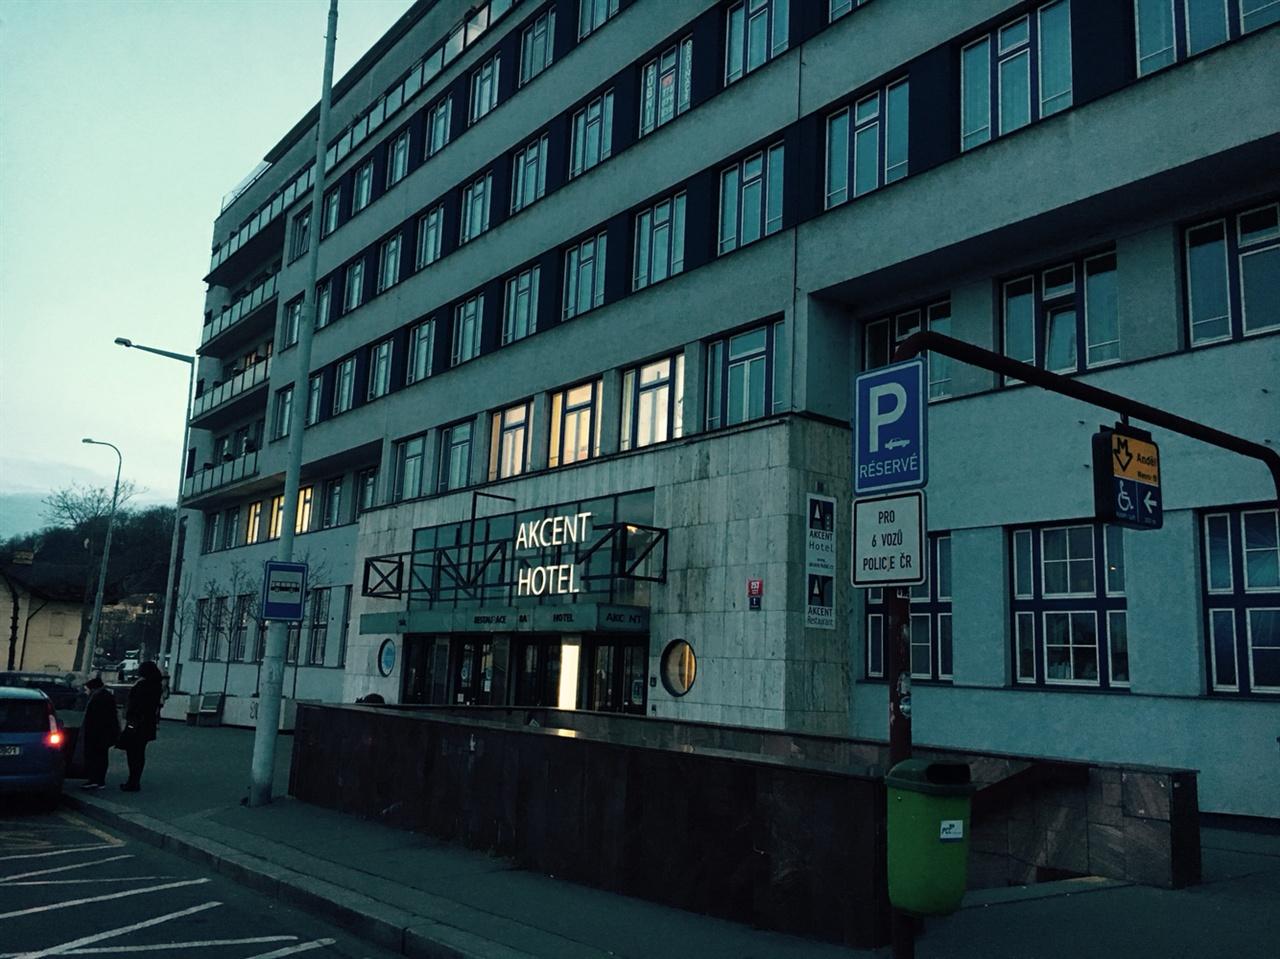 악센트 호텔의 모습